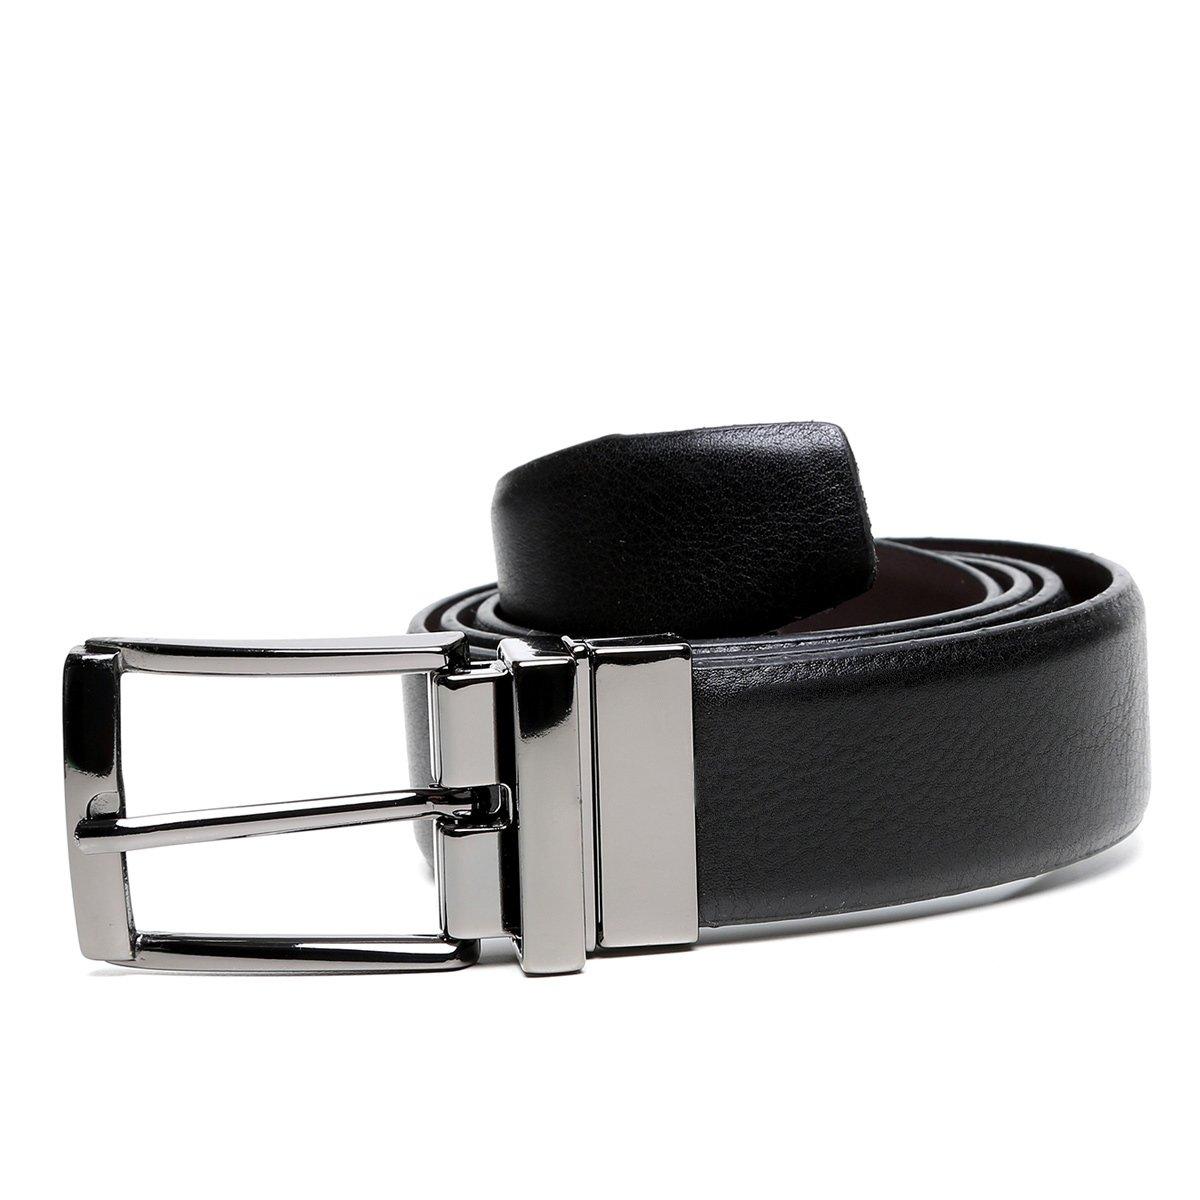 ff29d34c0f Cinto Couro Shoestock Social Reversível Masculino - Compre Agora ...